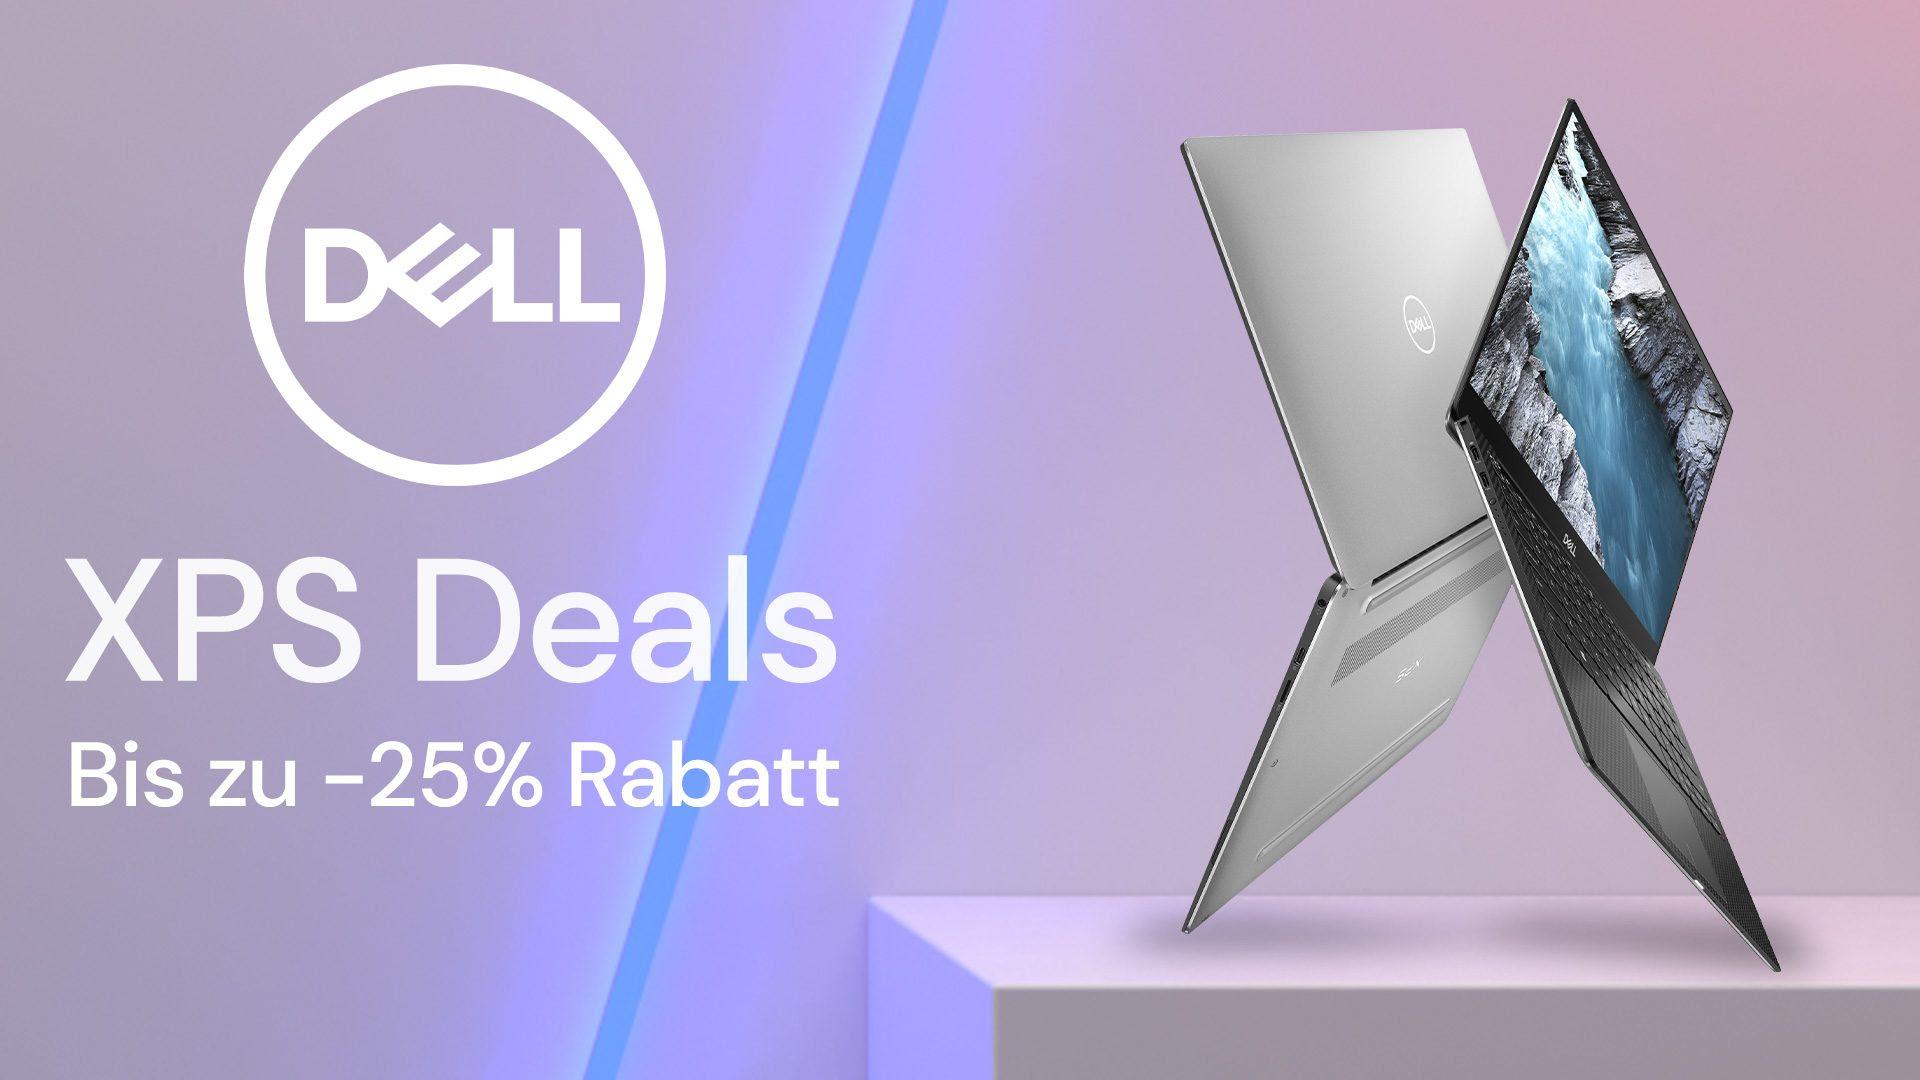 Jetzt die Dell XPS Deals entdecken!